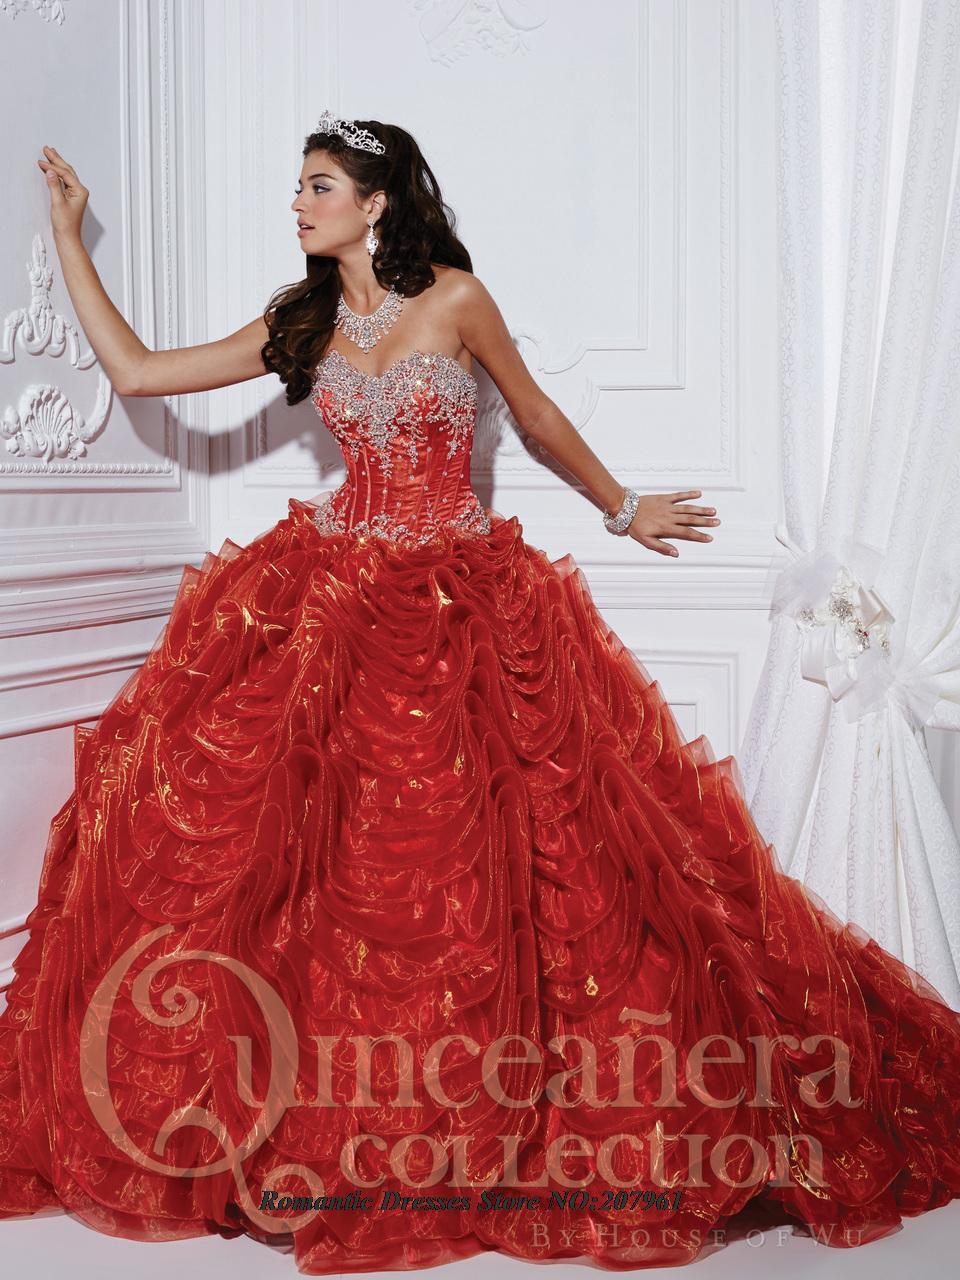 Venta caliente Red Vestidos de Quinceañera 2016 Vestido de Fiesta Novia con Crystal beatles Durante 15